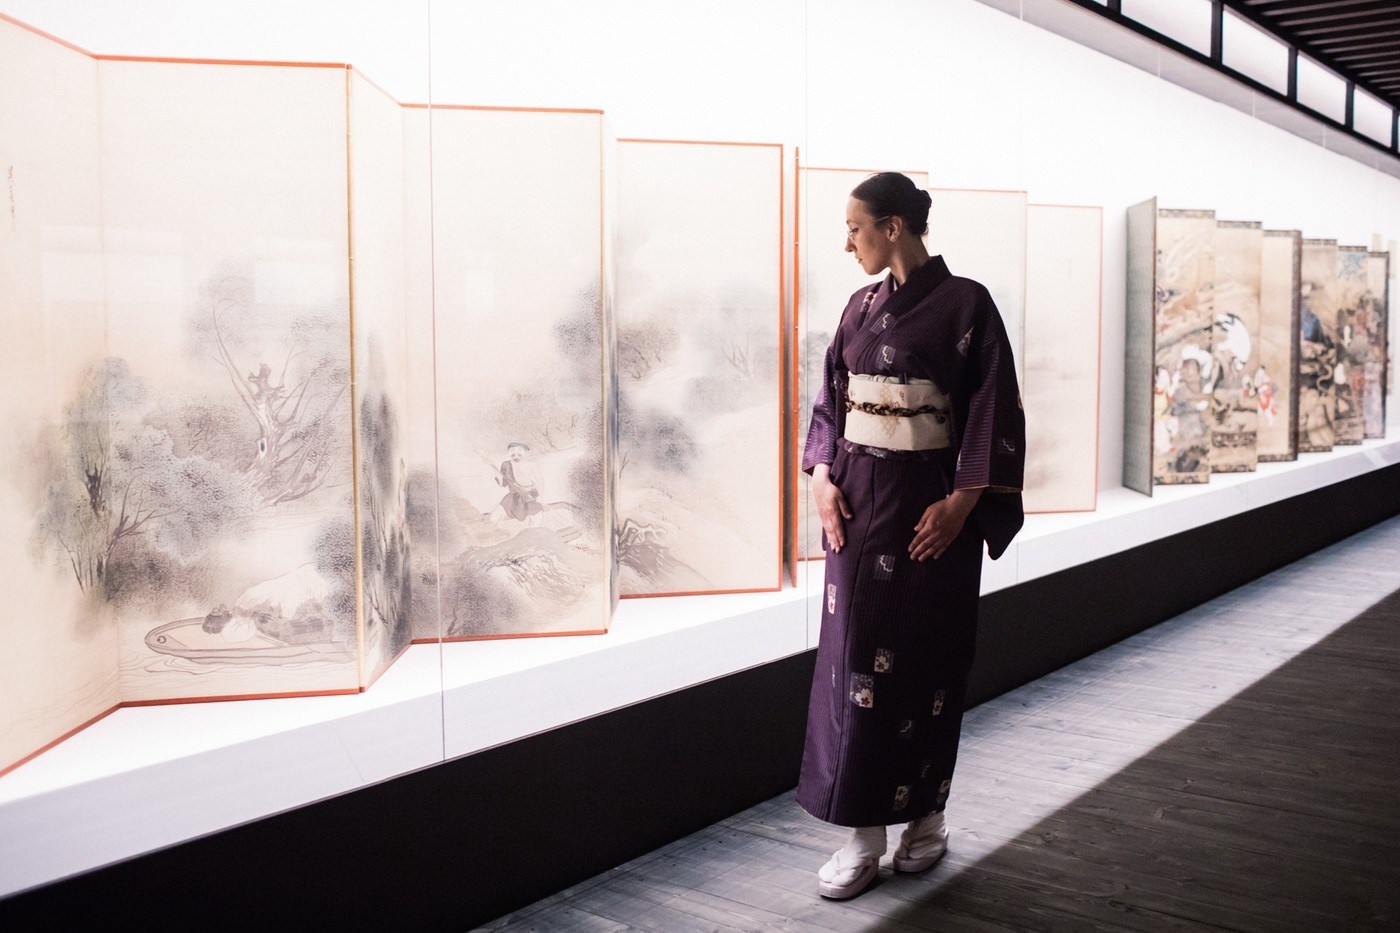 Посетители в кимоно могут попасть в музей без очереди